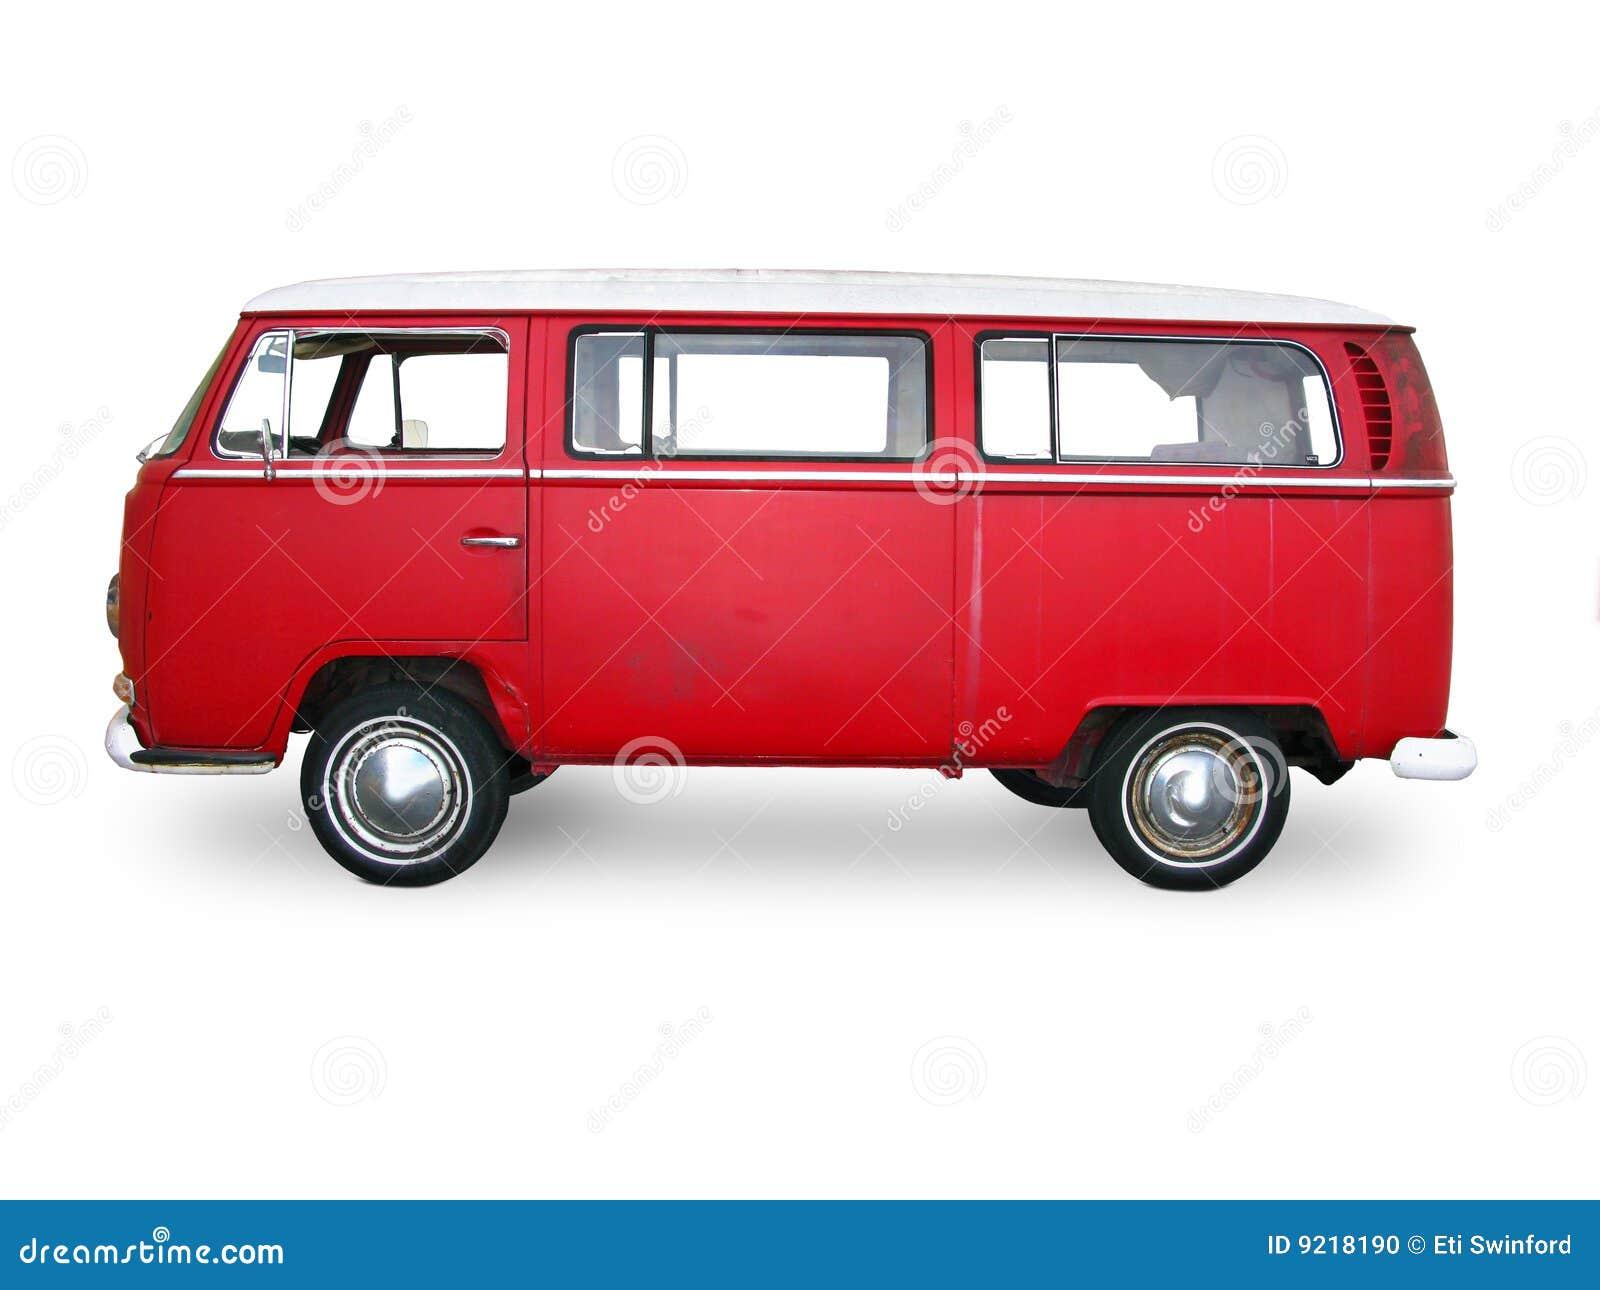 Vintage red van stock photo. Image of flag, vehicle ...